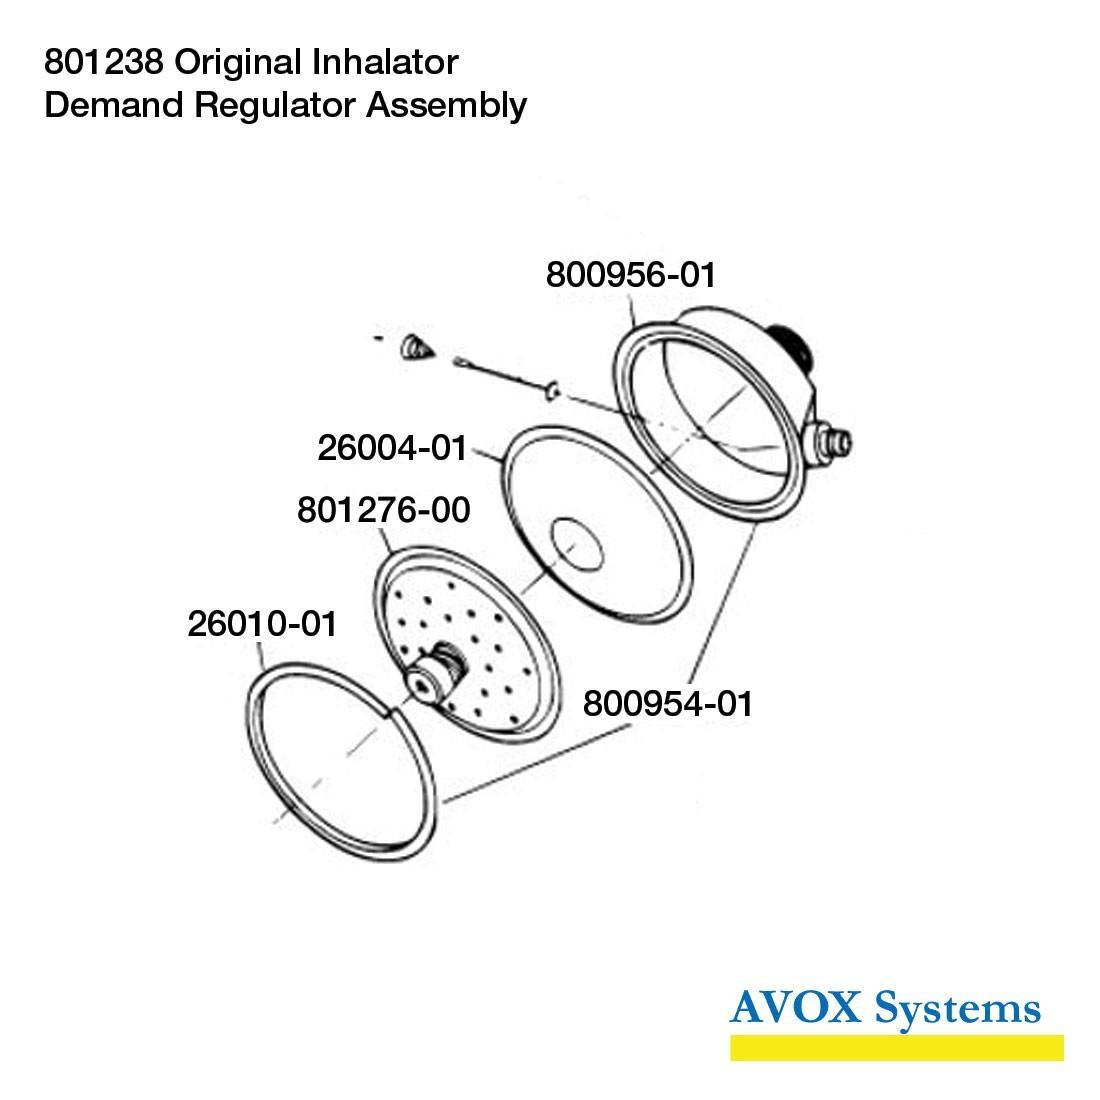 801238 Demand Regulator Repair Kit - Spares